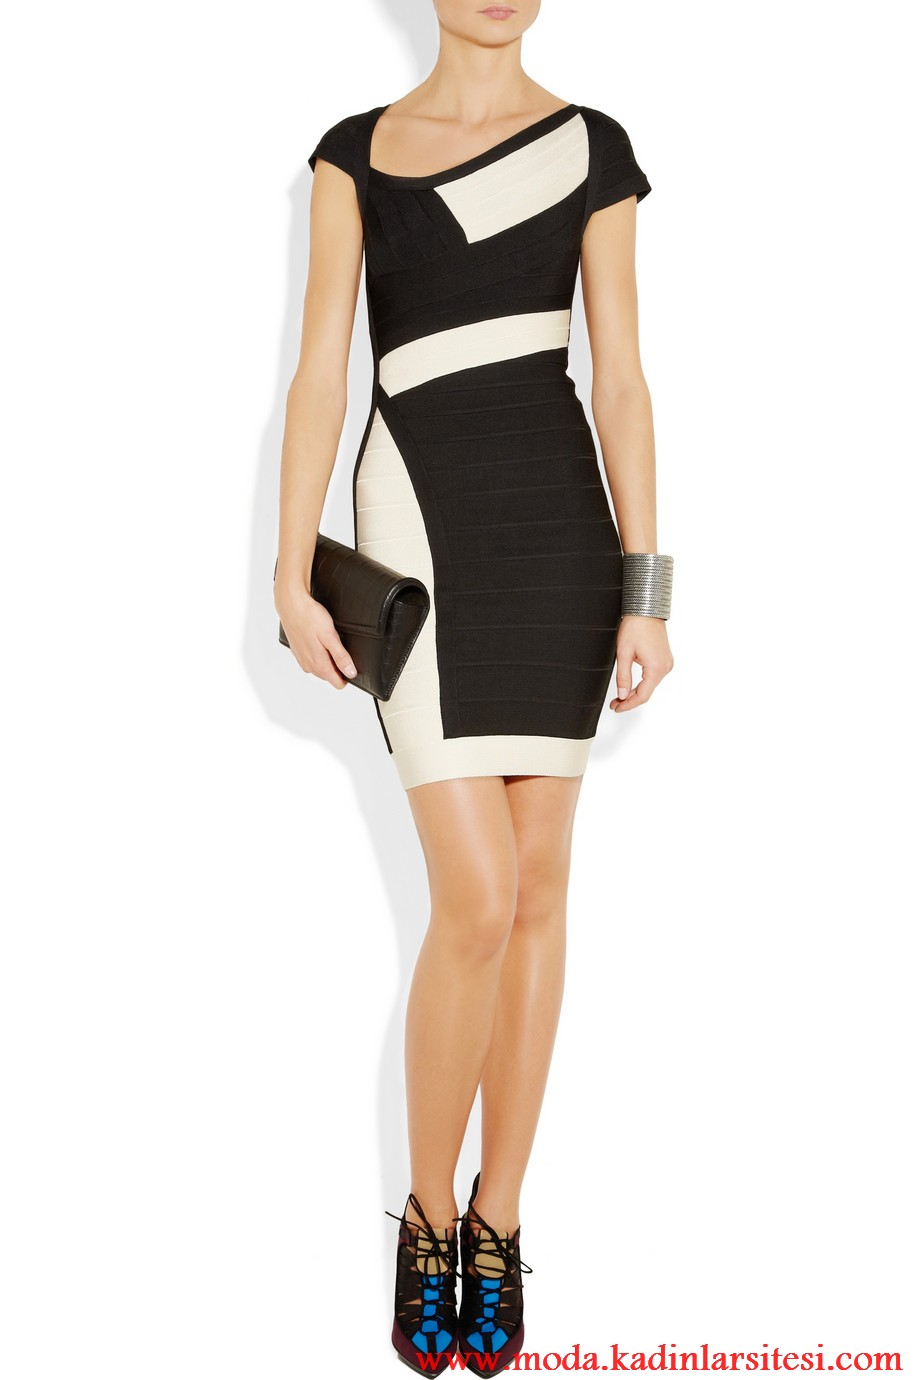 herve leger siyah beyaz eğik yaka elbise modeli